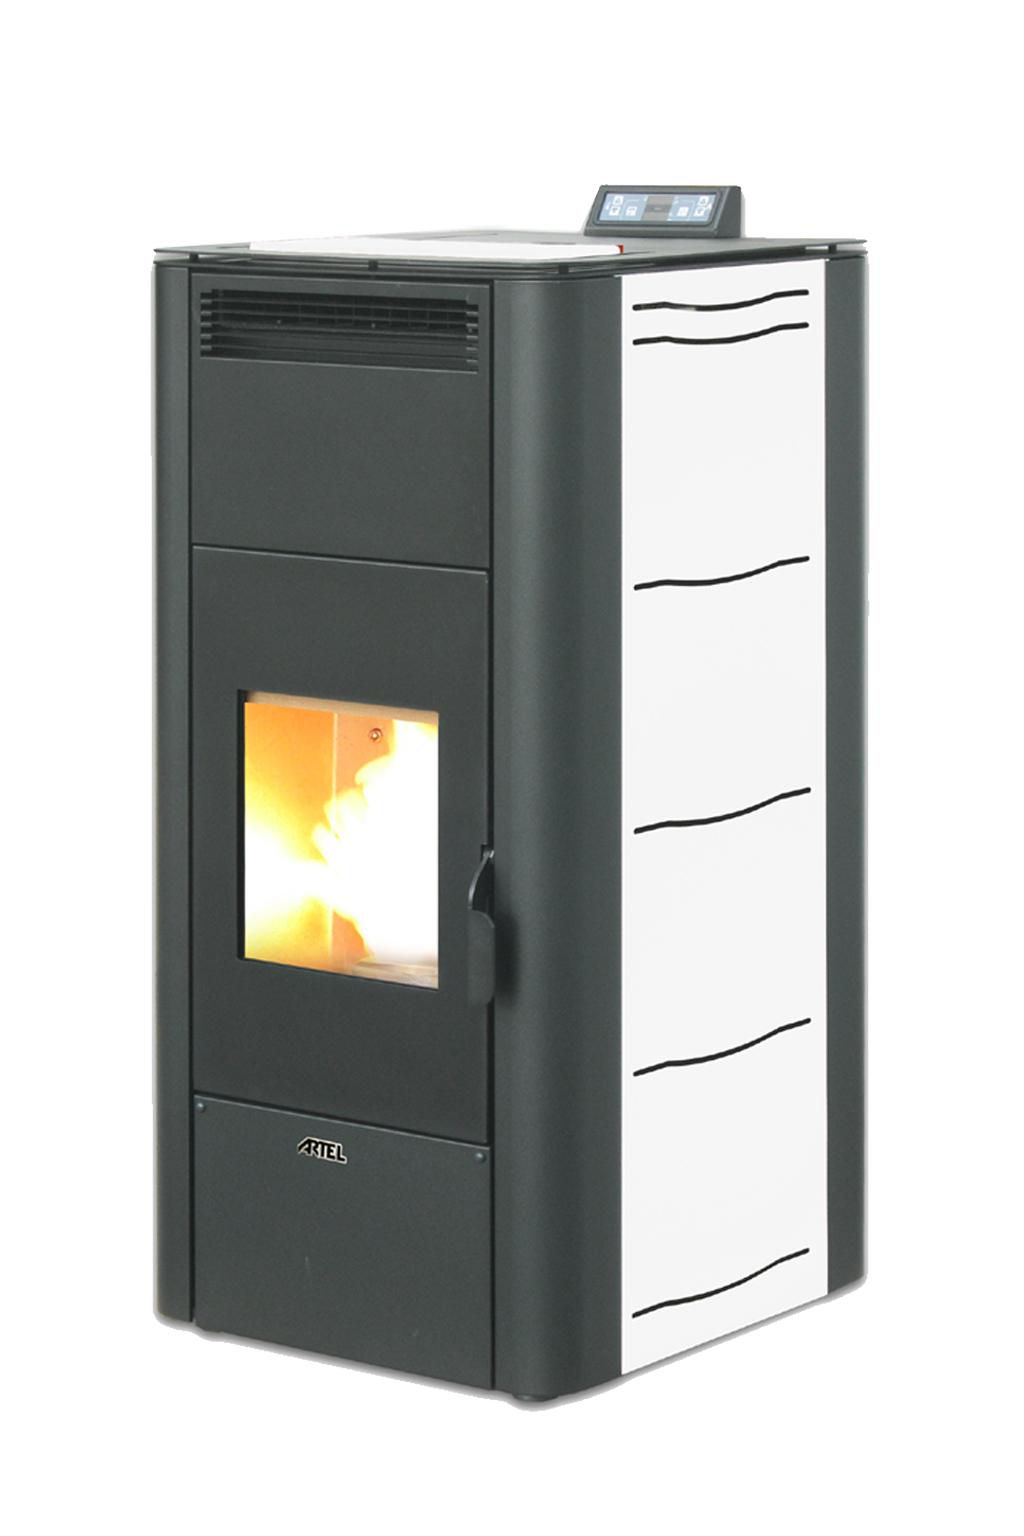 Pelletkachel CV 20 kW wit